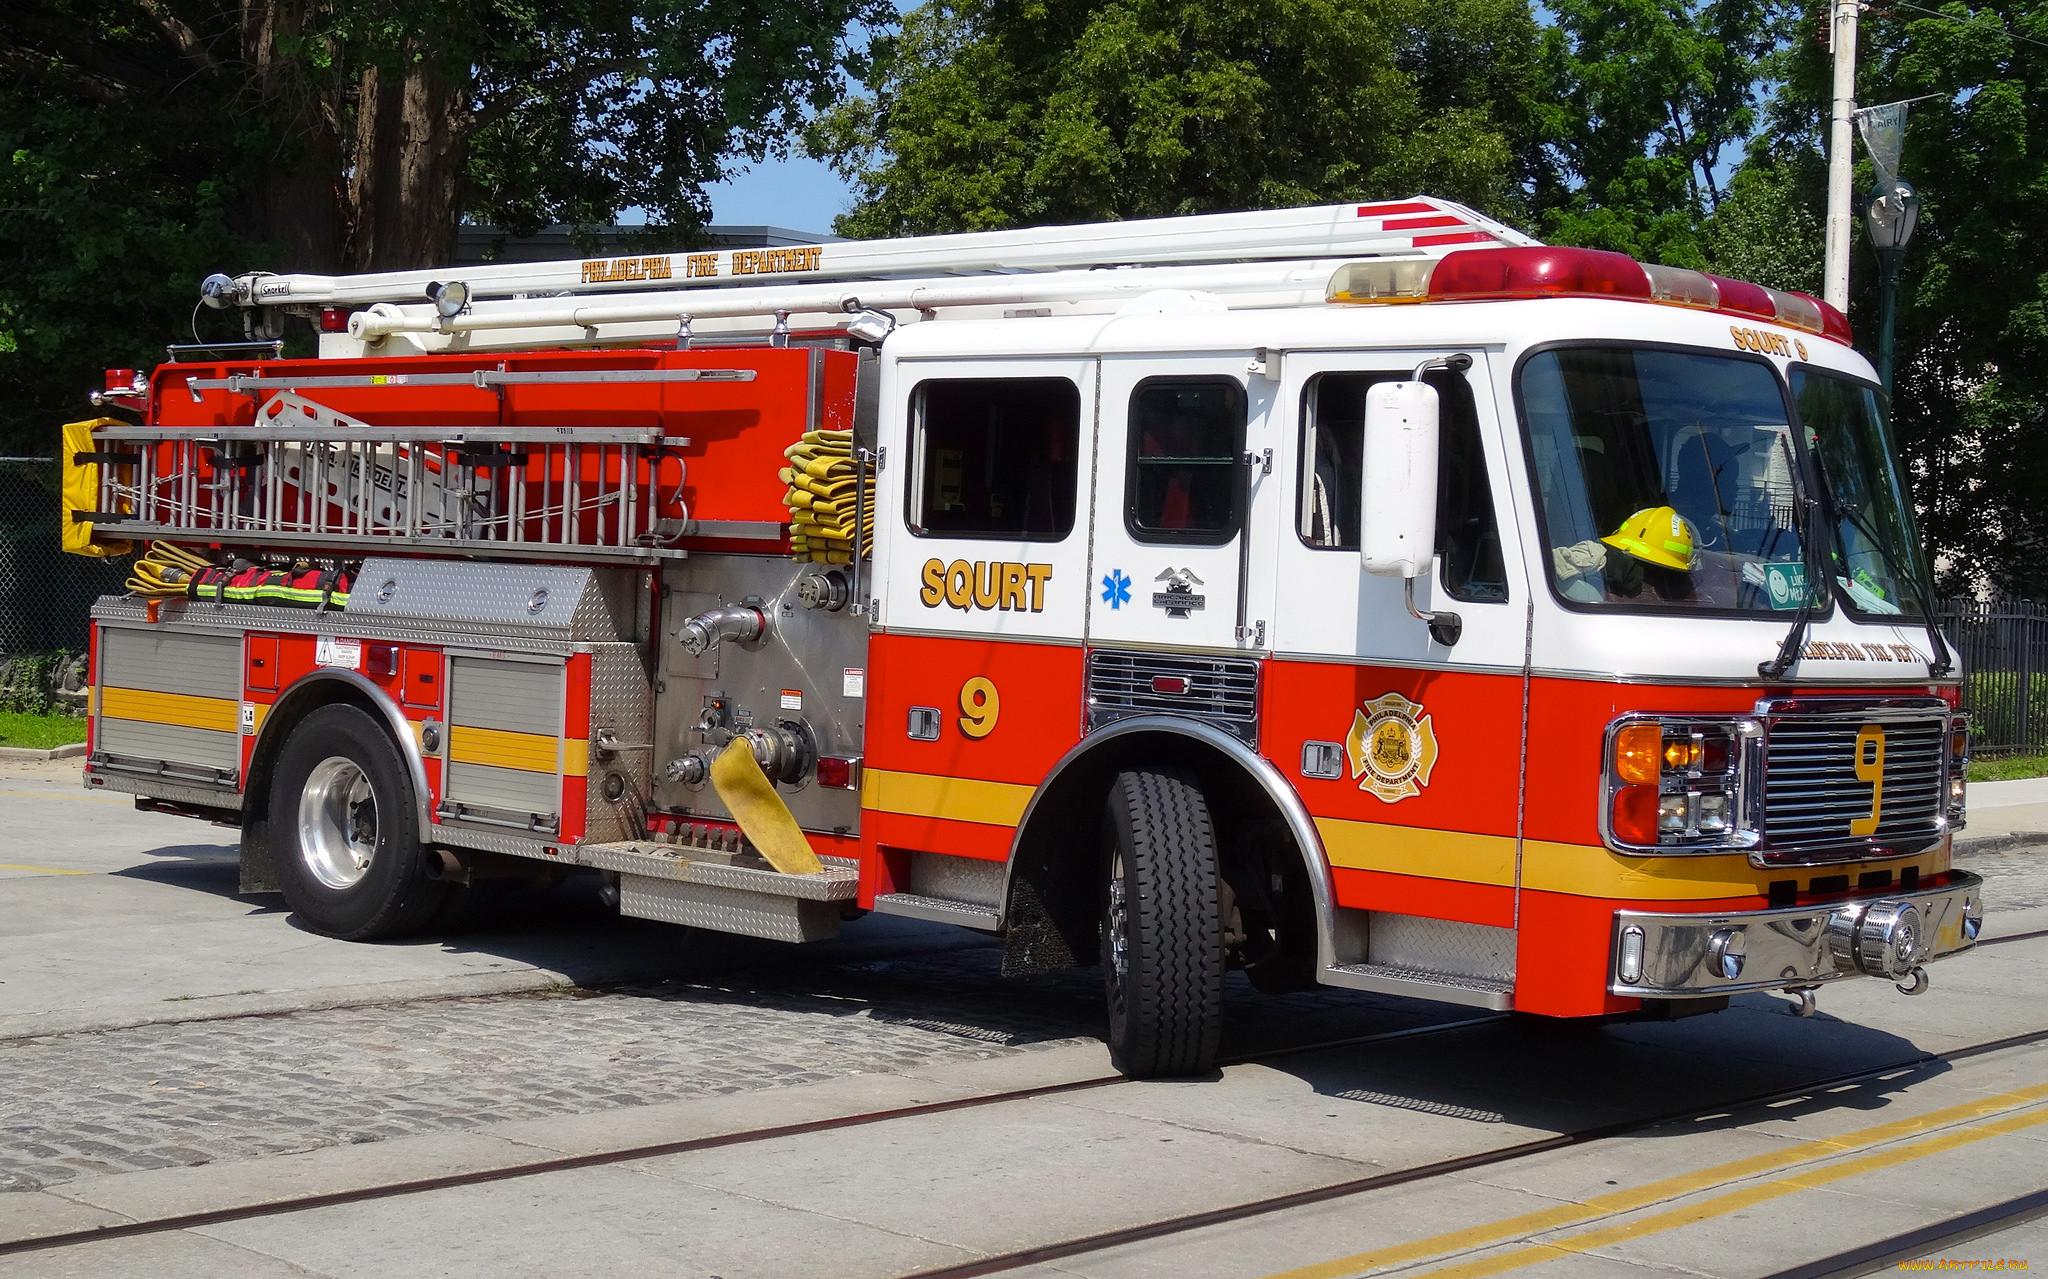 идея пожарная машина фото рисунок нашем каталоге представлены